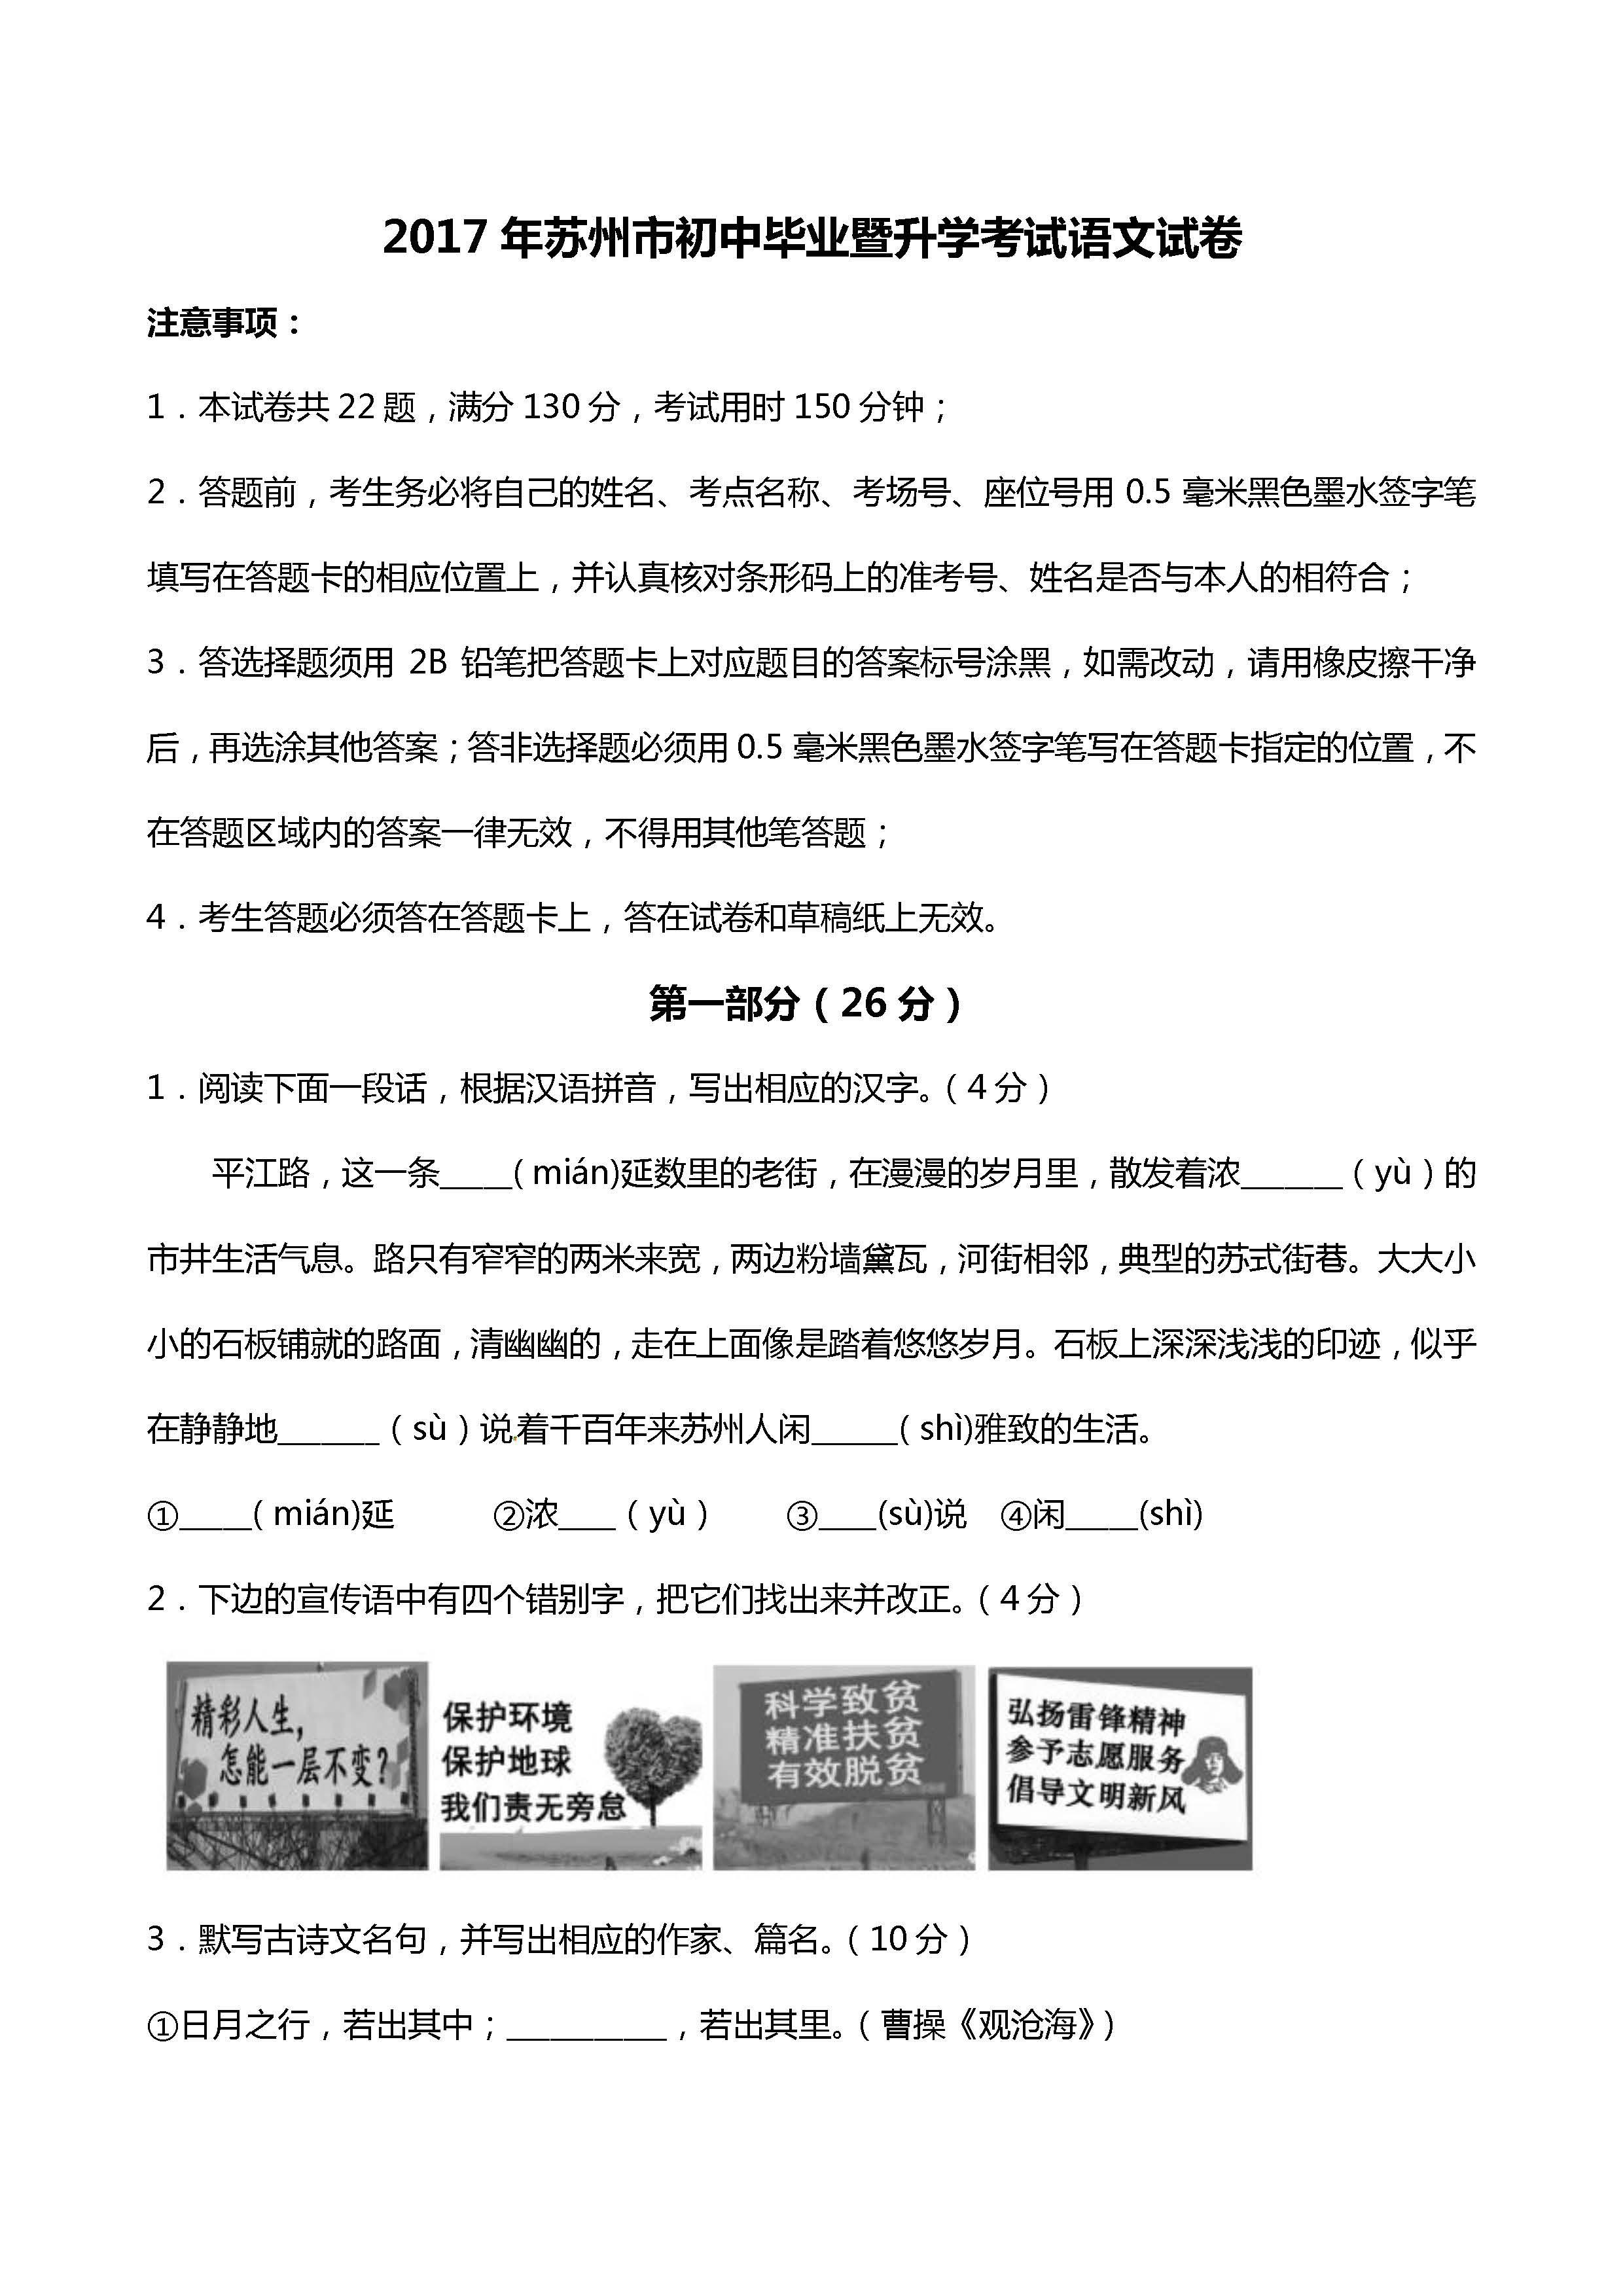 2017苏州中考语文试题及答案解析(图片版)